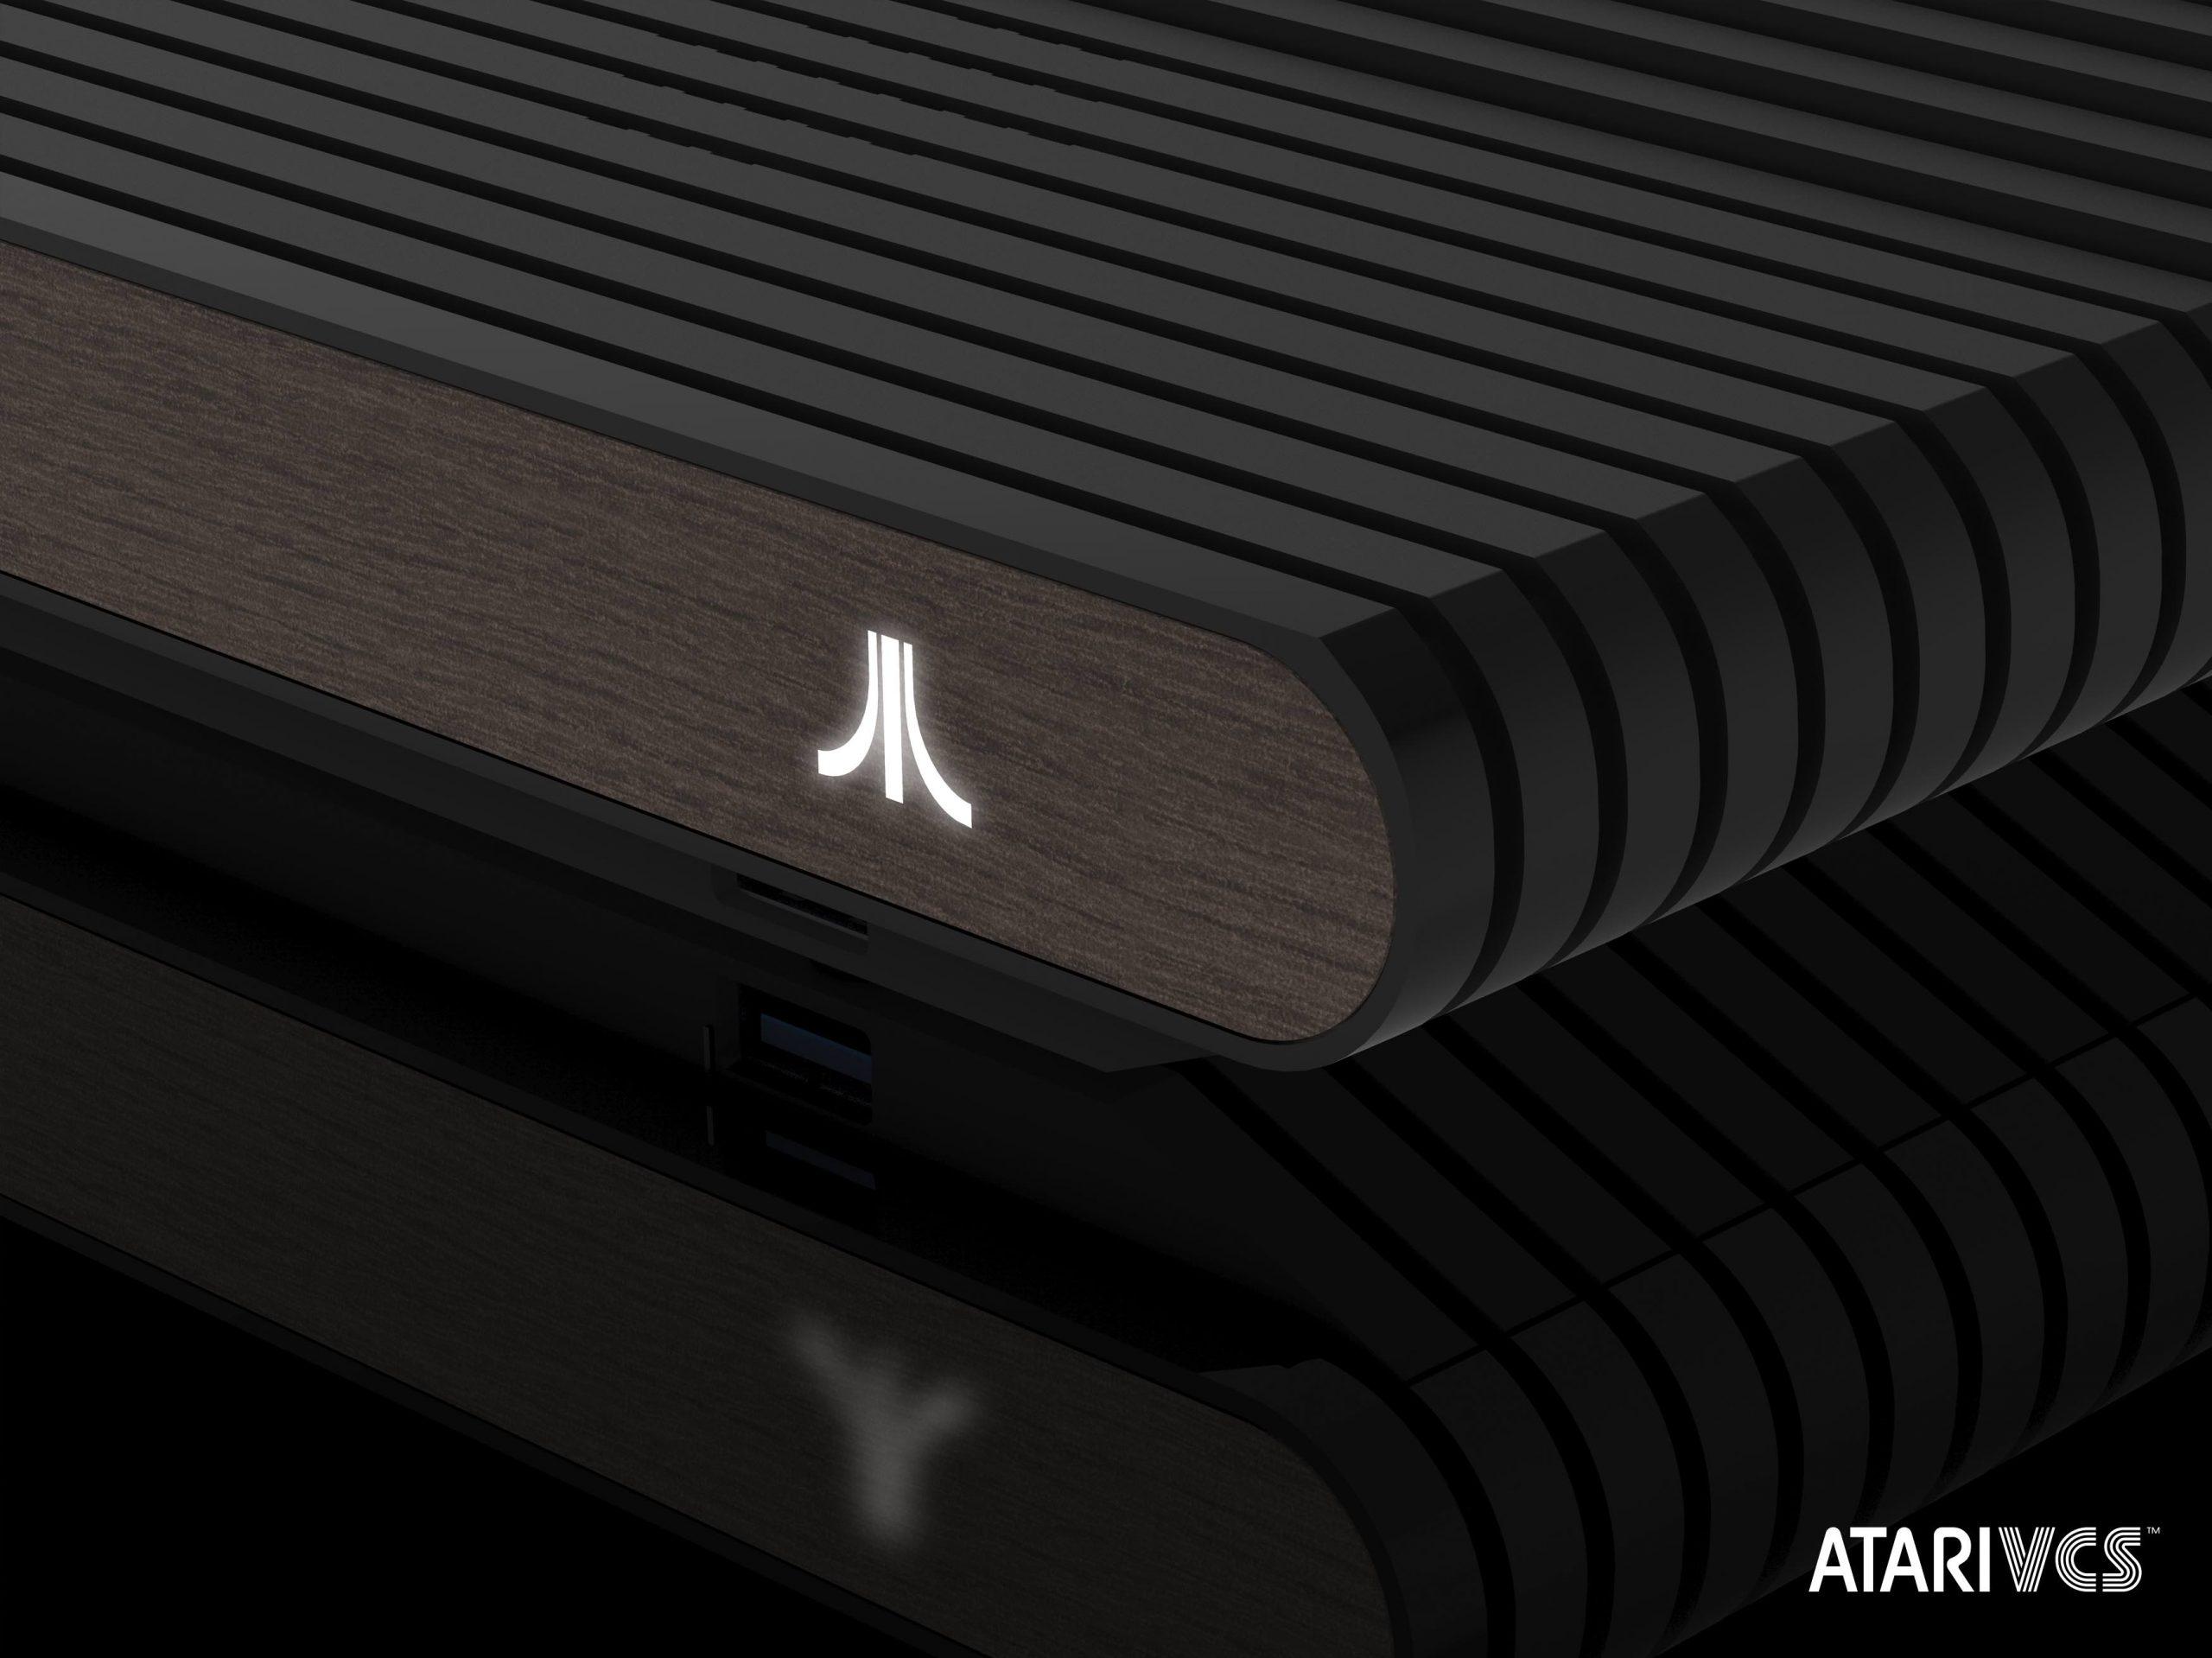 Le prime unità della nuova Atari VCS saranno pronte per giugno thumbnail